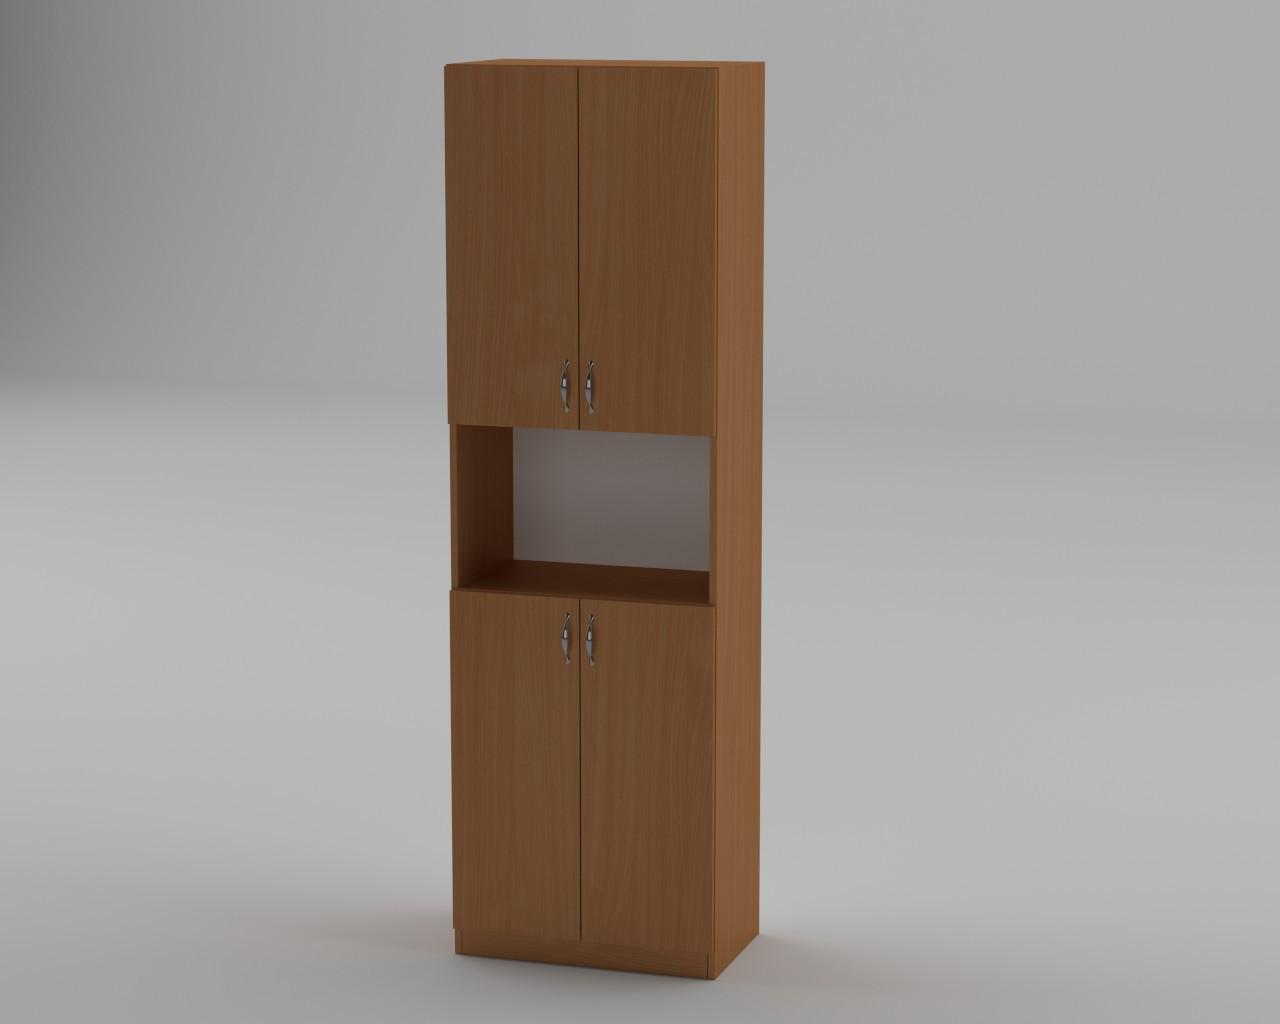 """Шафа пенал для книг та документів """"КШ-5""""/ ширина 60 см з відкритою нішею / МФ Компаніт"""